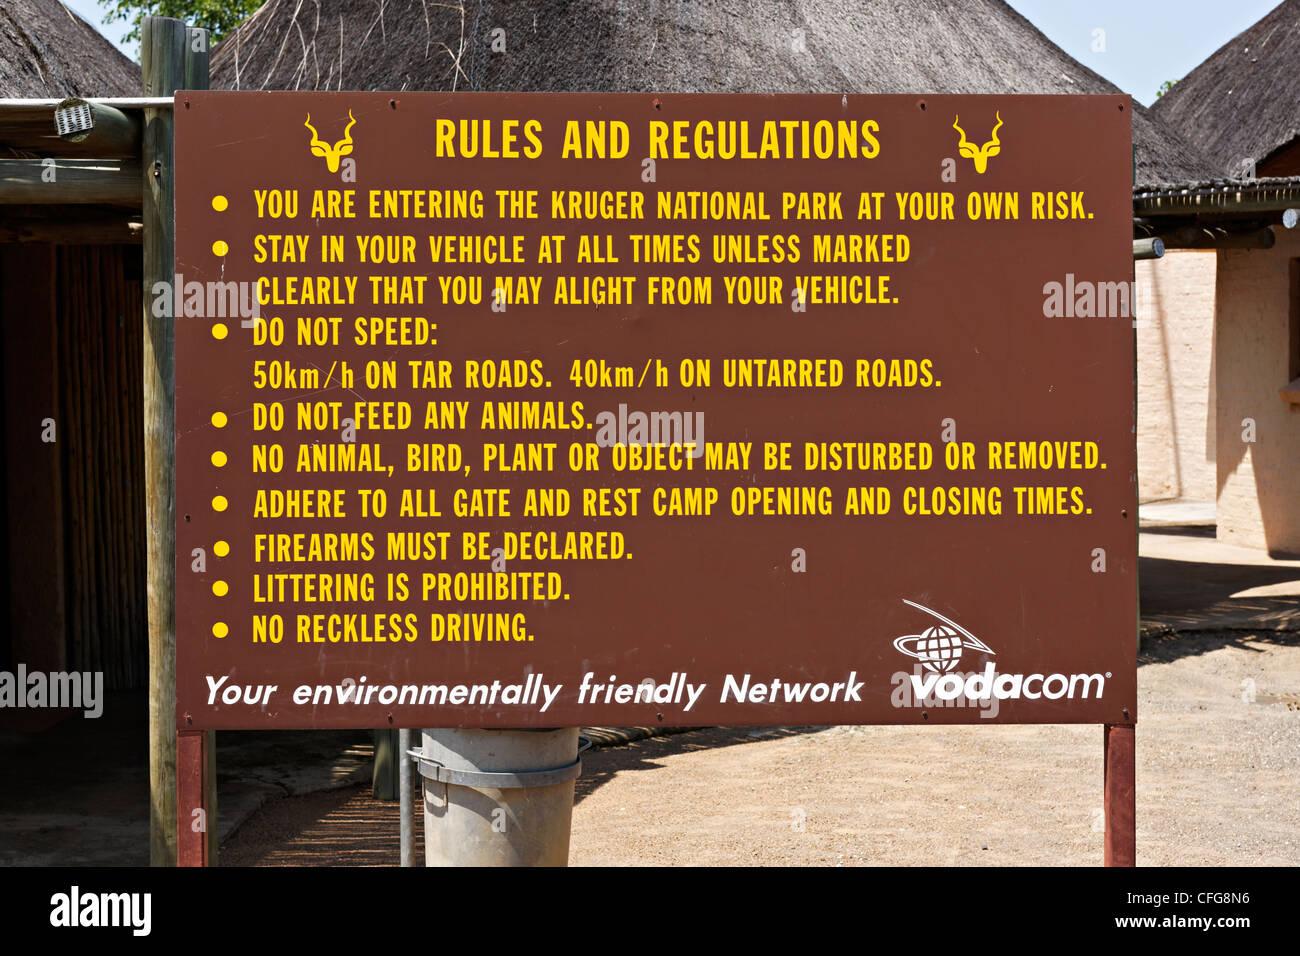 Kruger Park rules and regulations notice board, Kruger National Park, South Africa - Stock Image